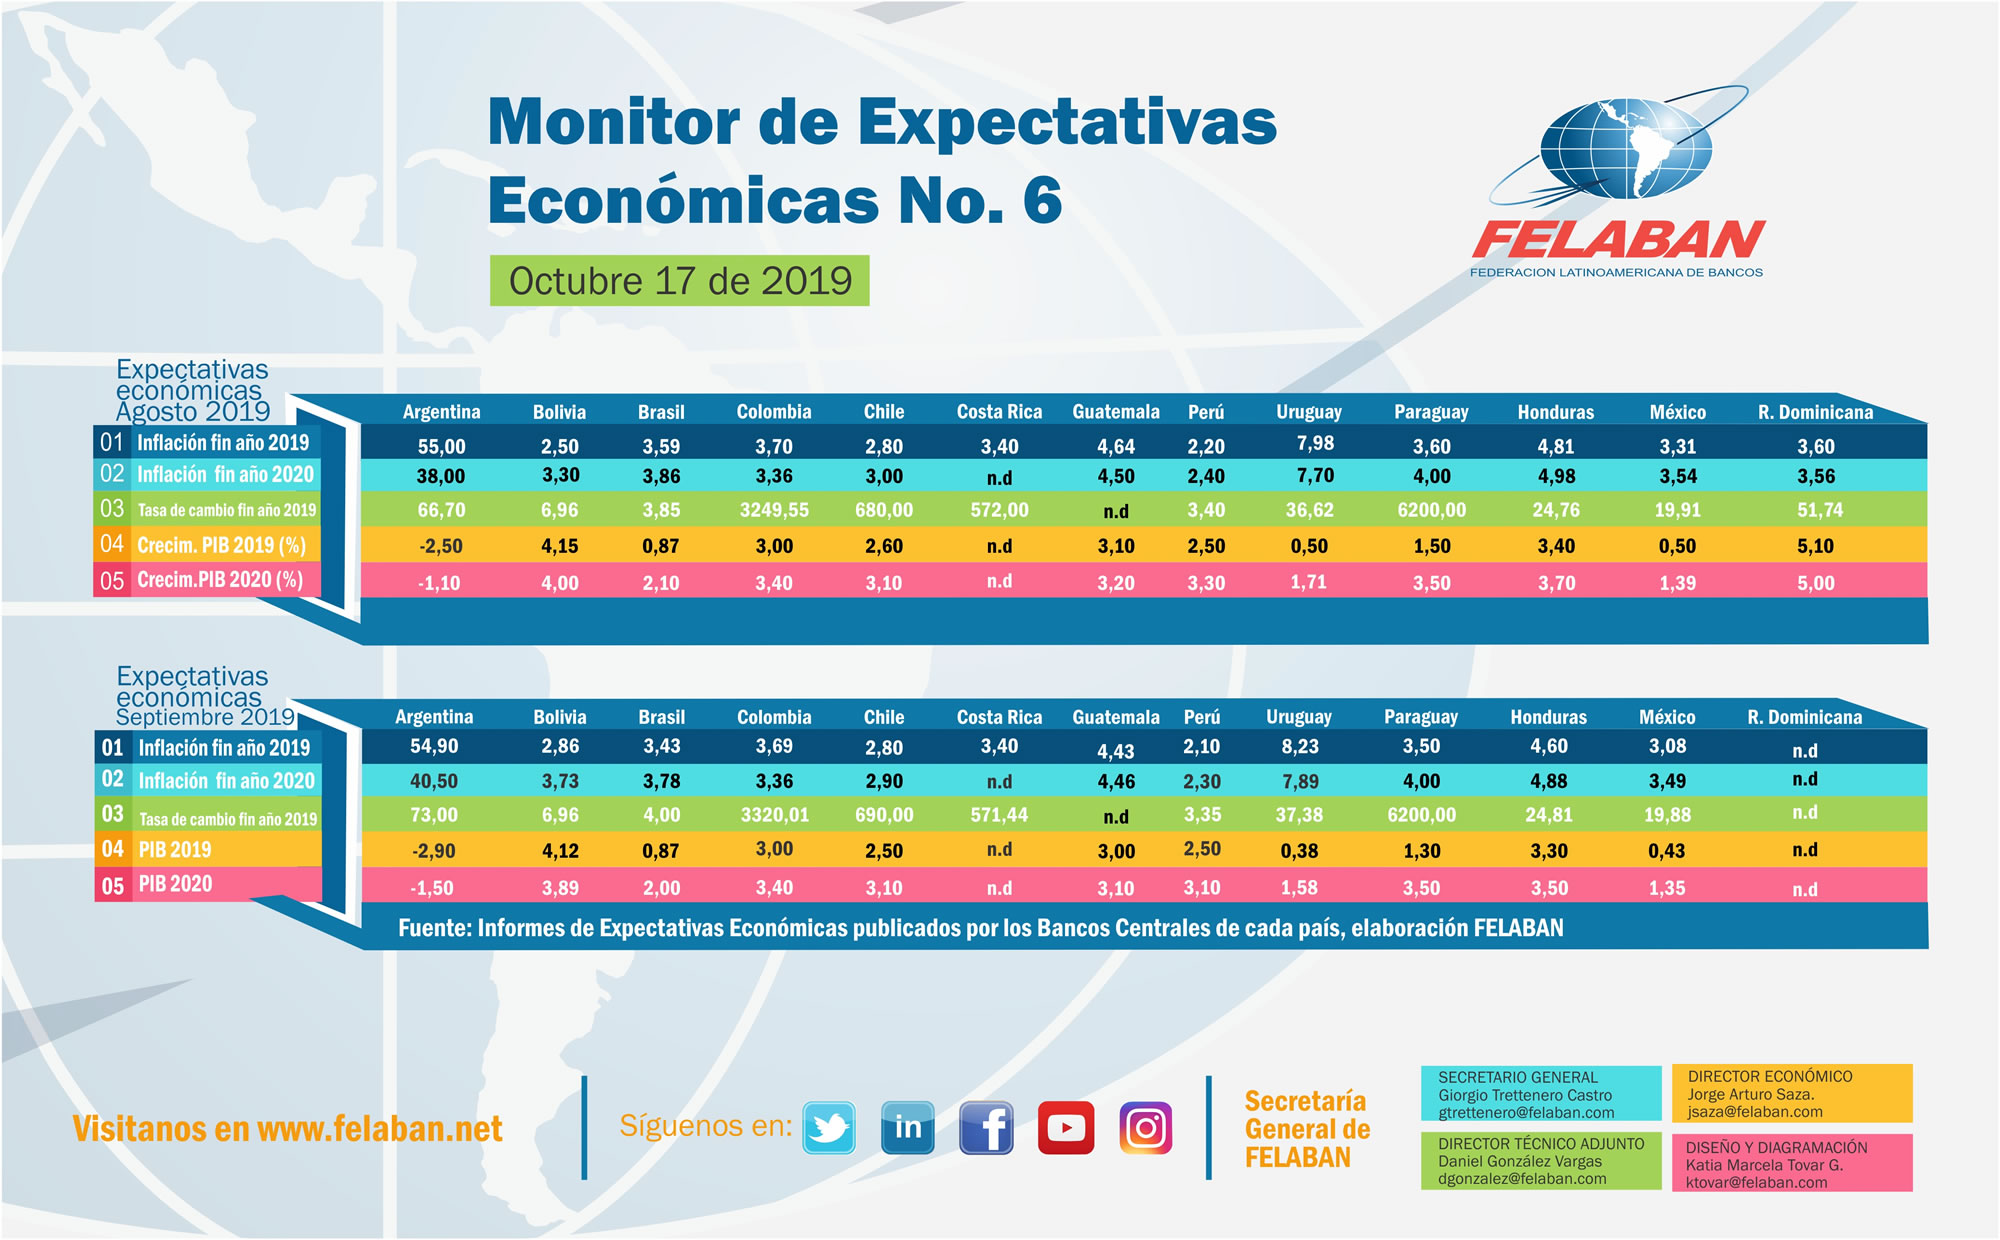 Expectativas Económicas Nro 6